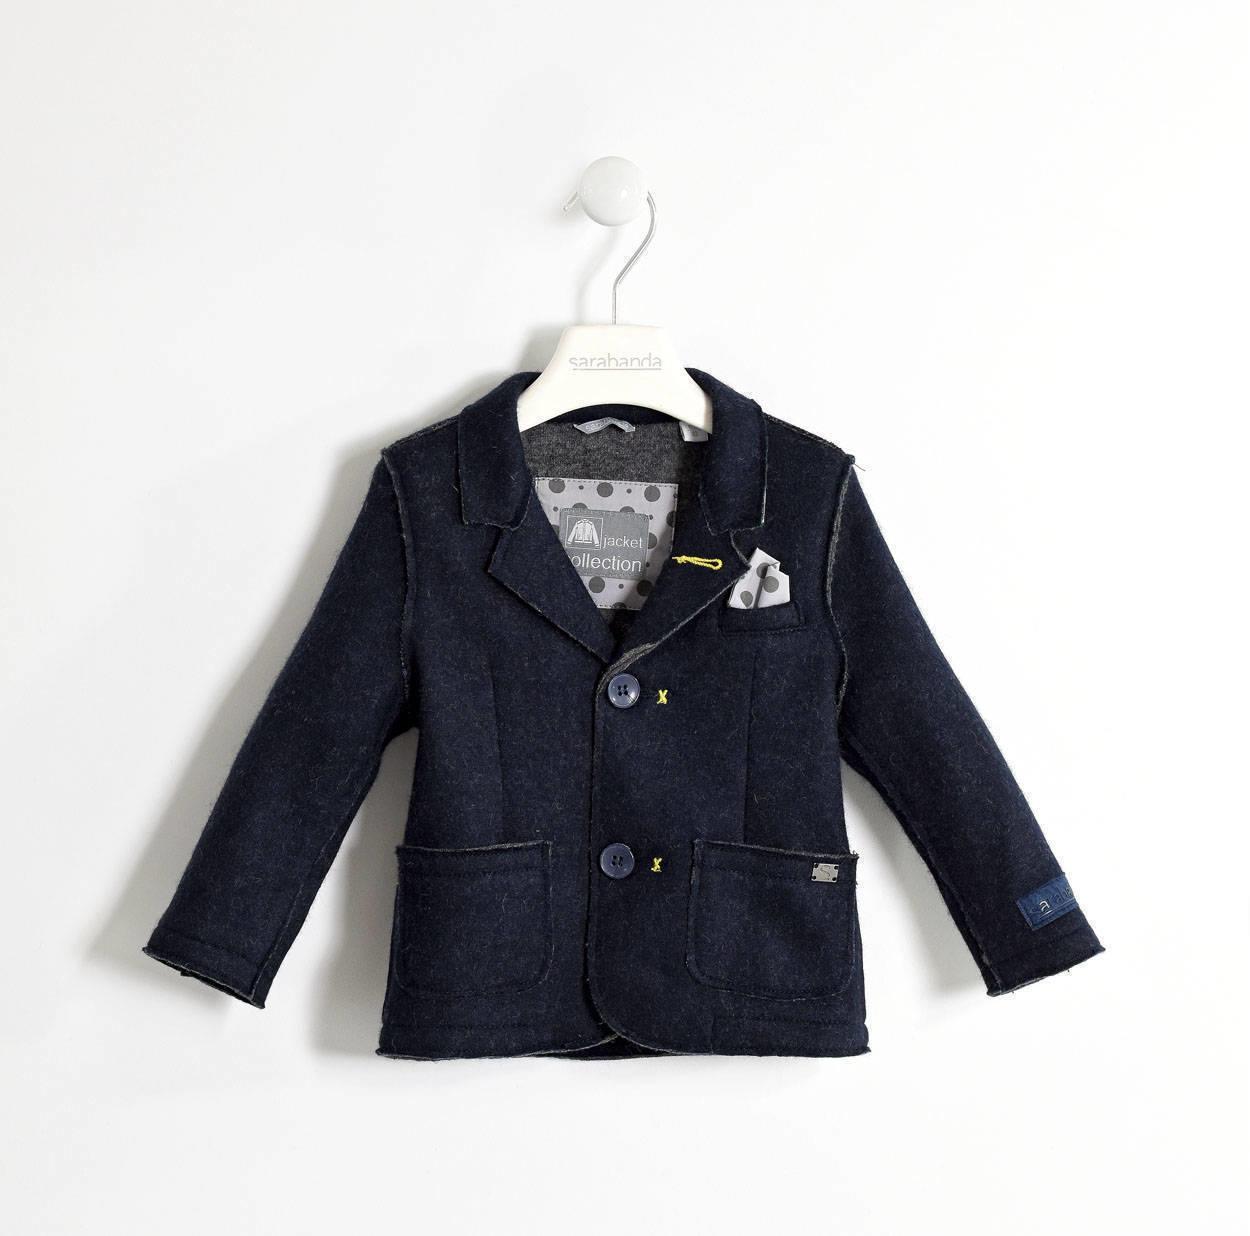 con pochette da giacca 6 in removibile Elegante maglia per bambino qBPI6